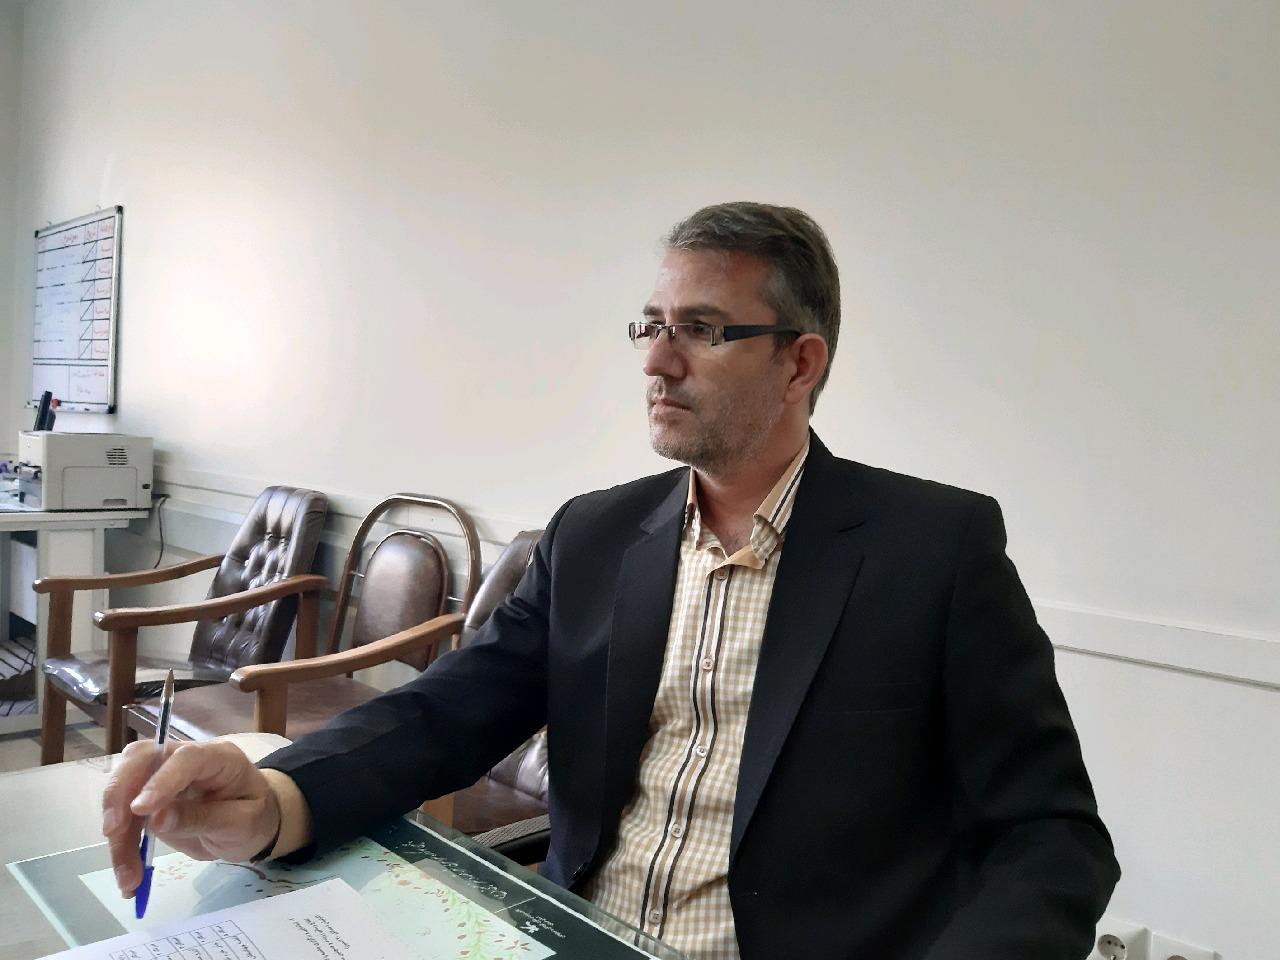 """ایجاد ۵هزار فرصت شغلی تا پایان سال/ رویداد ملی """"صنایع روستادوست"""" در قزوین اجرا میشود"""